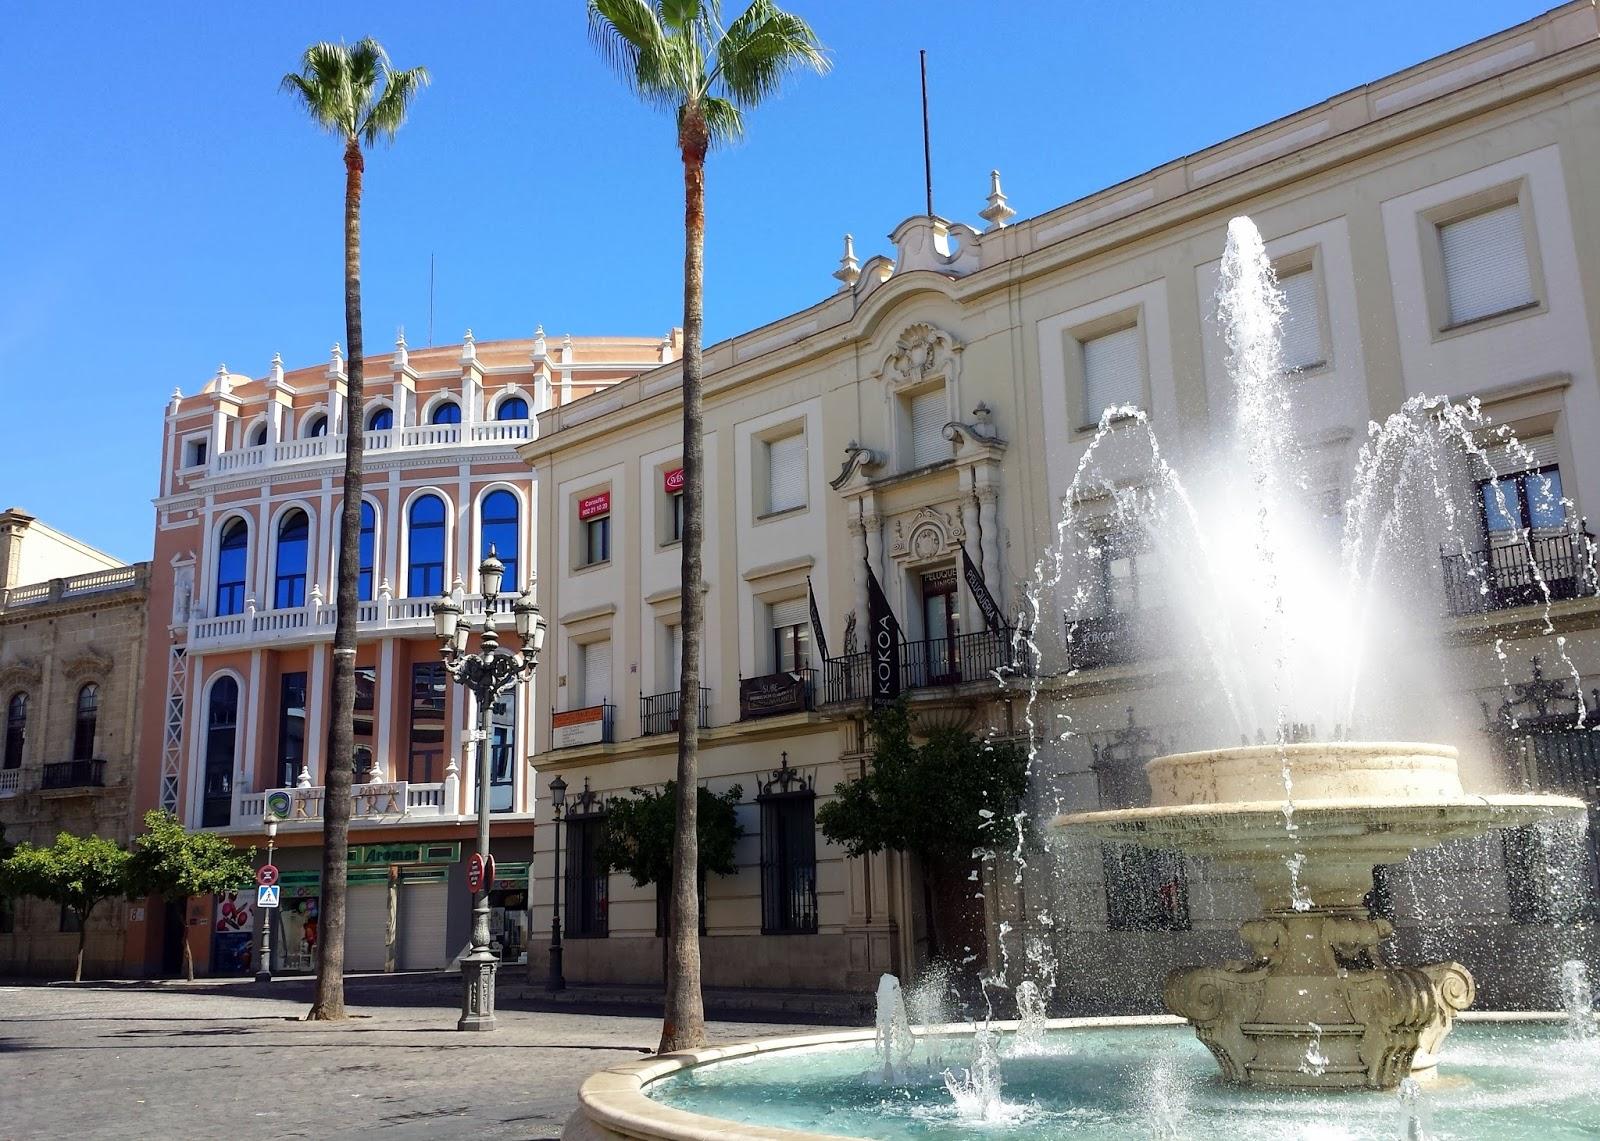 Jerez fountain  |  Postcard from Andalucía: Jerez + Carmona  on afeathery*nest  |  http://afeatherynest.com